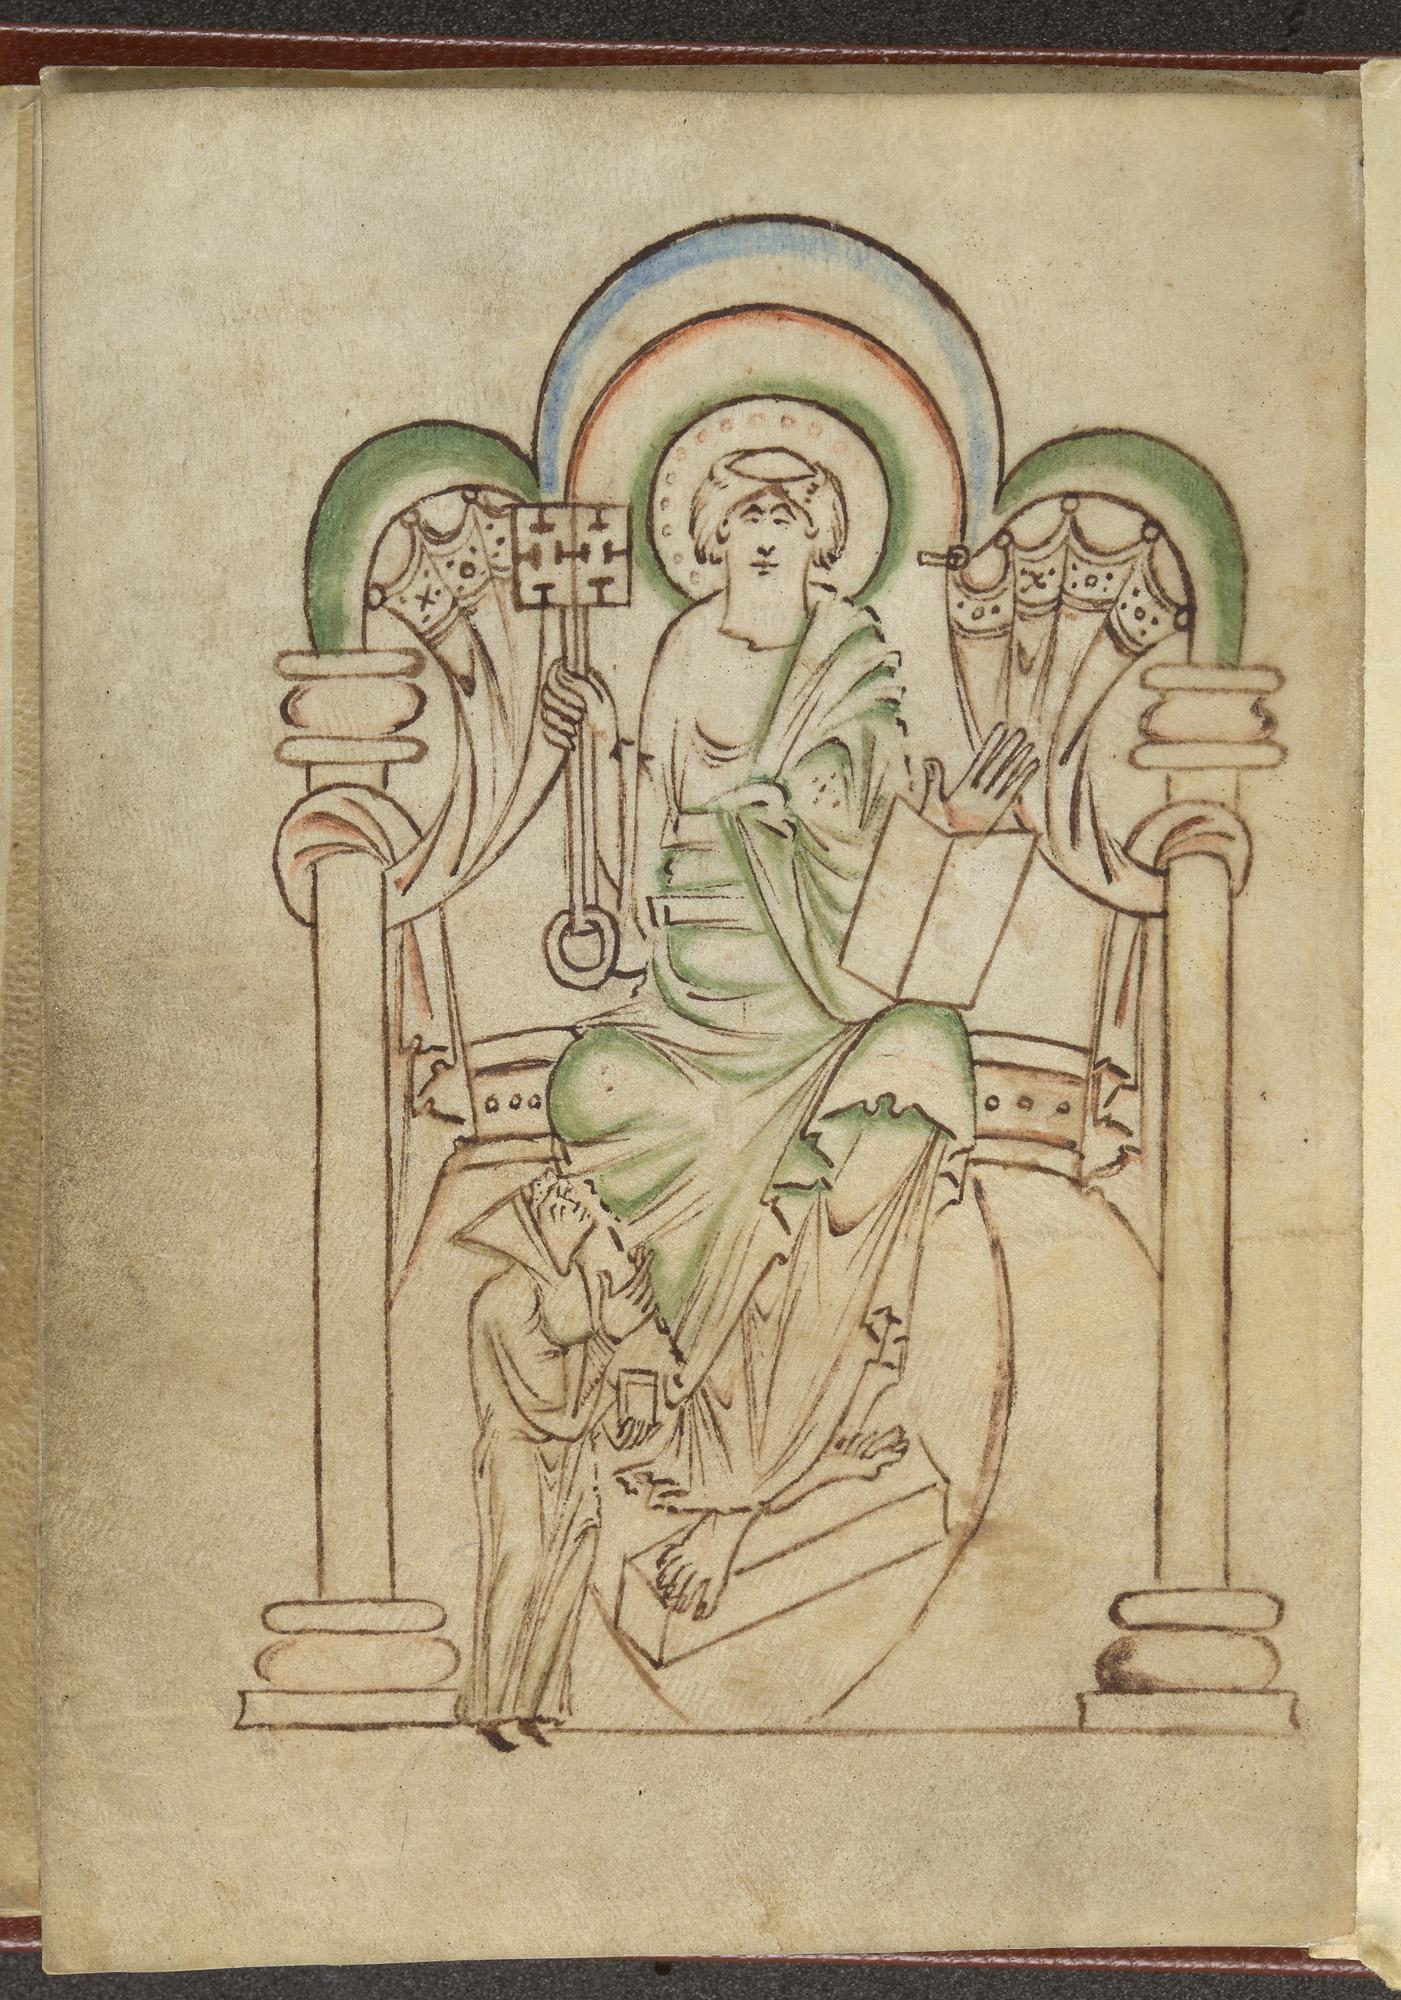 Ælfwine's Prayerbook